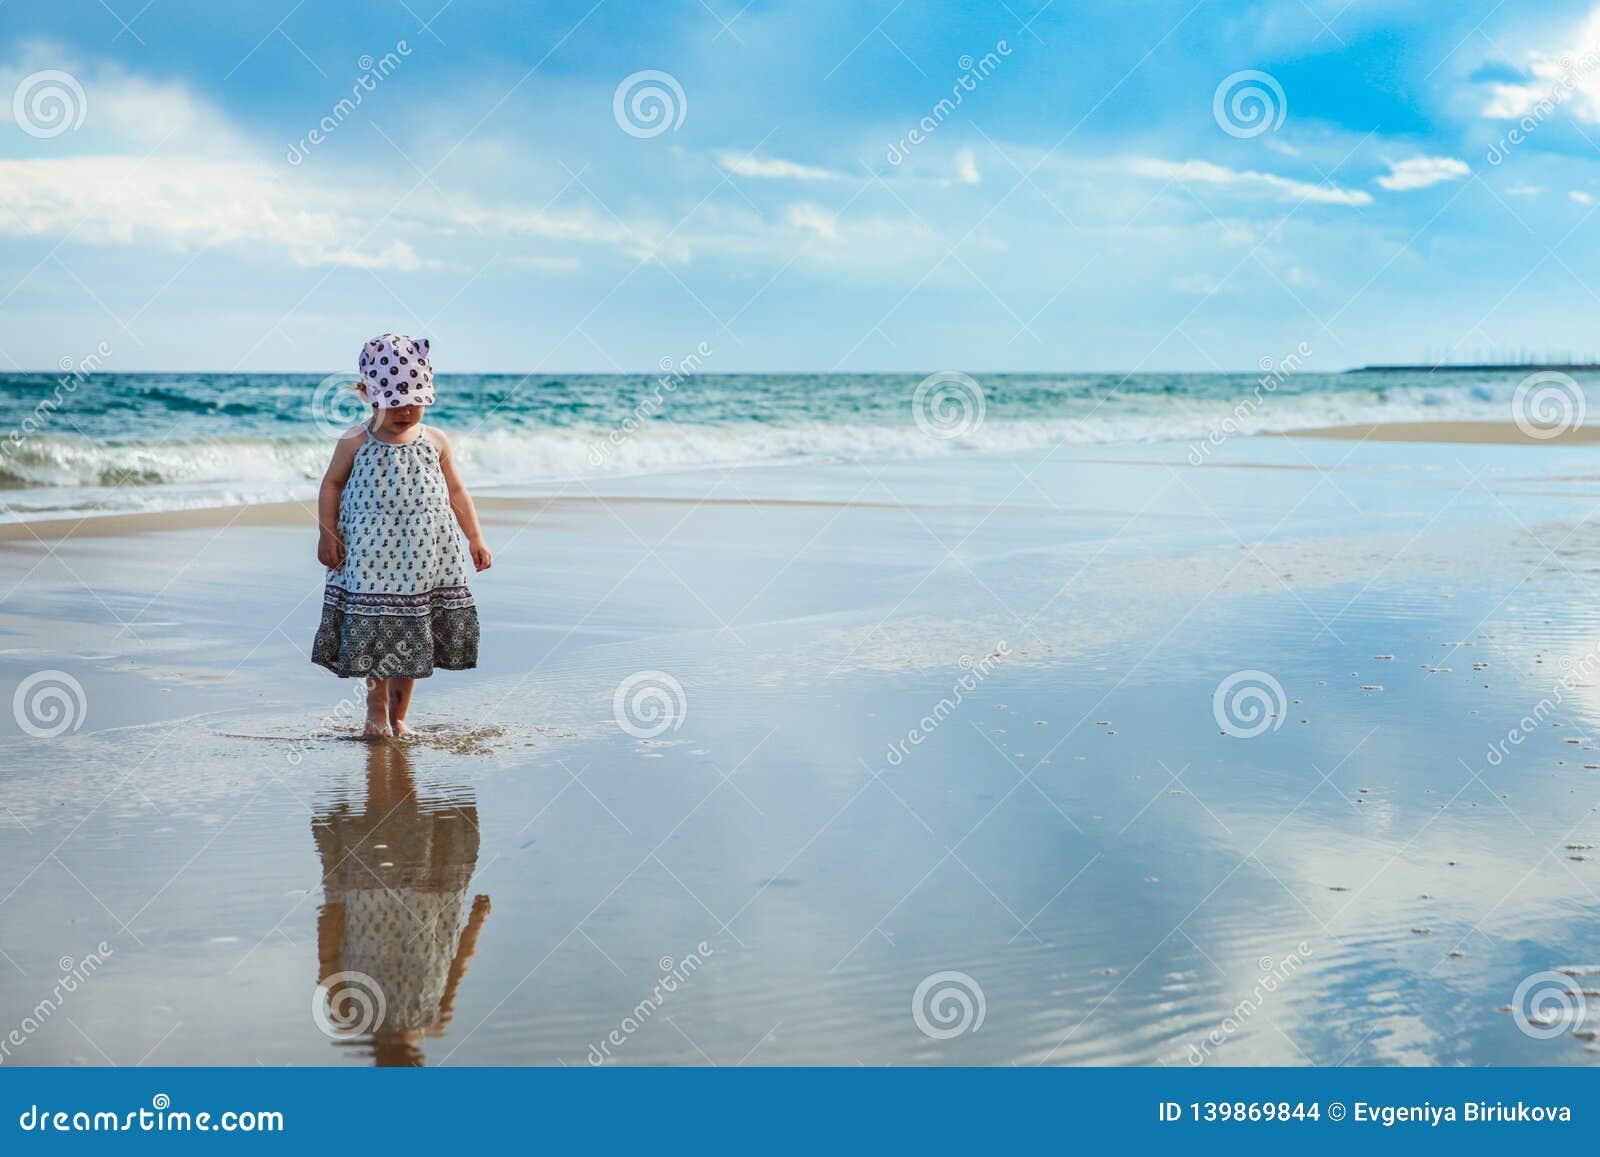 Aanbiddelijk meisje die op het water op het strand lopen